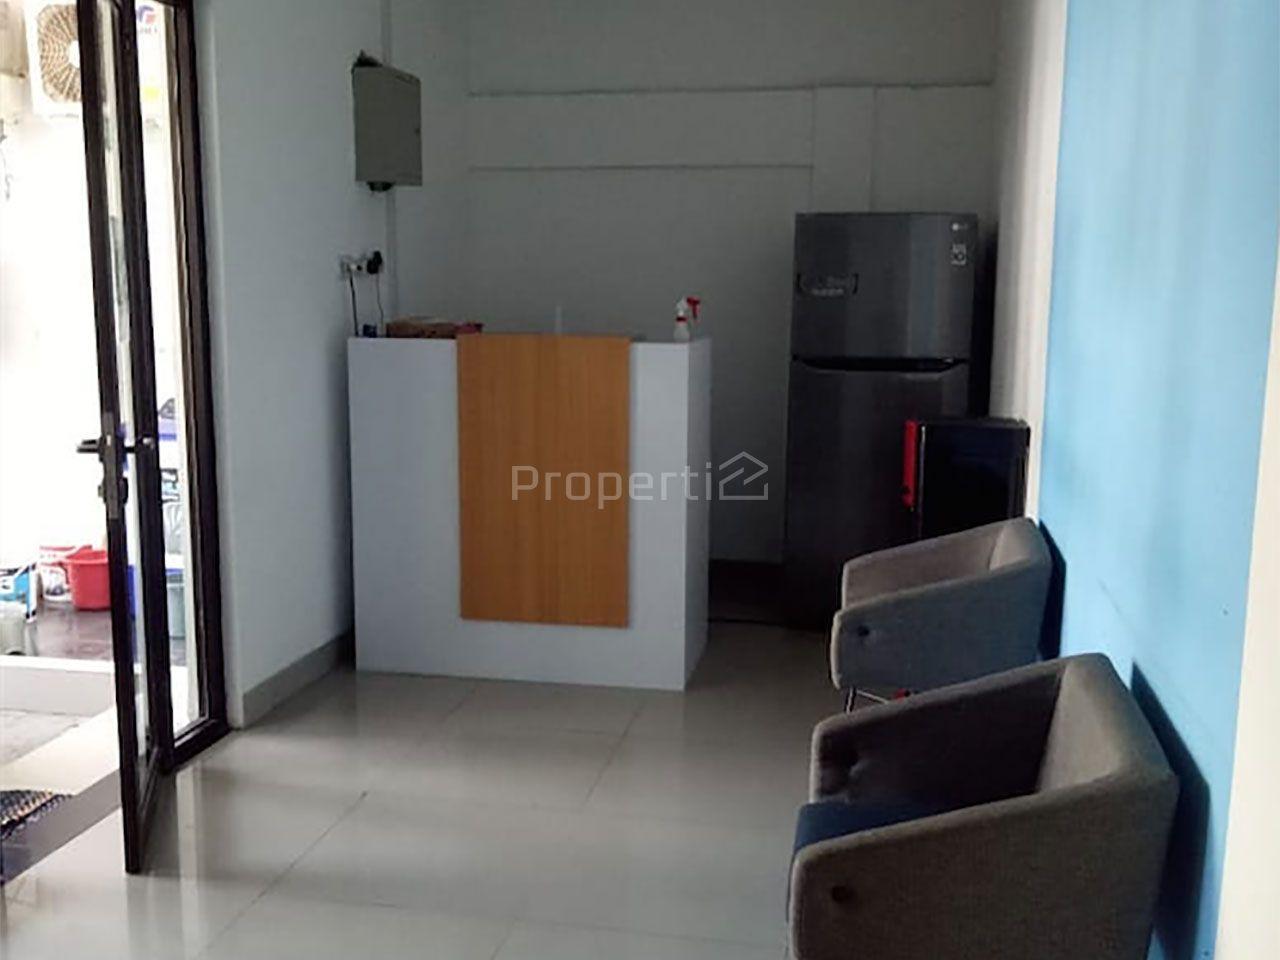 Rumah Kost Baru di Tebet, DKI Jakarta